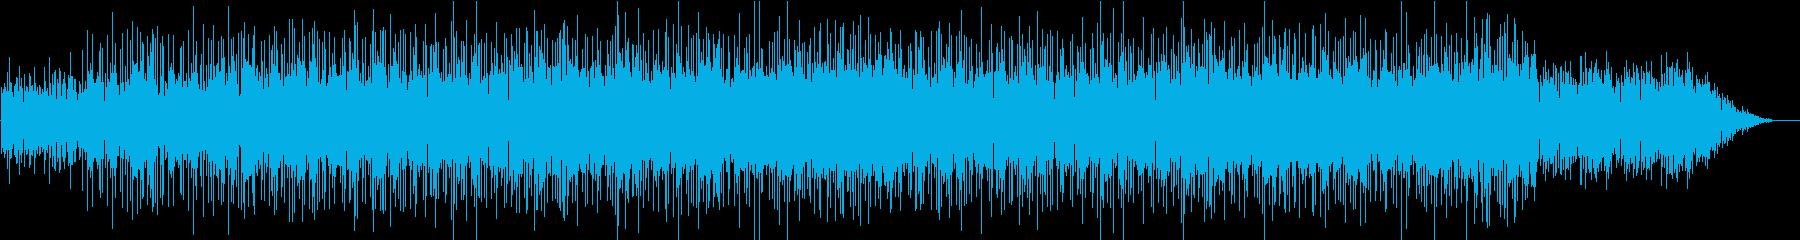 透明感のある知的で妖艶な曲の再生済みの波形